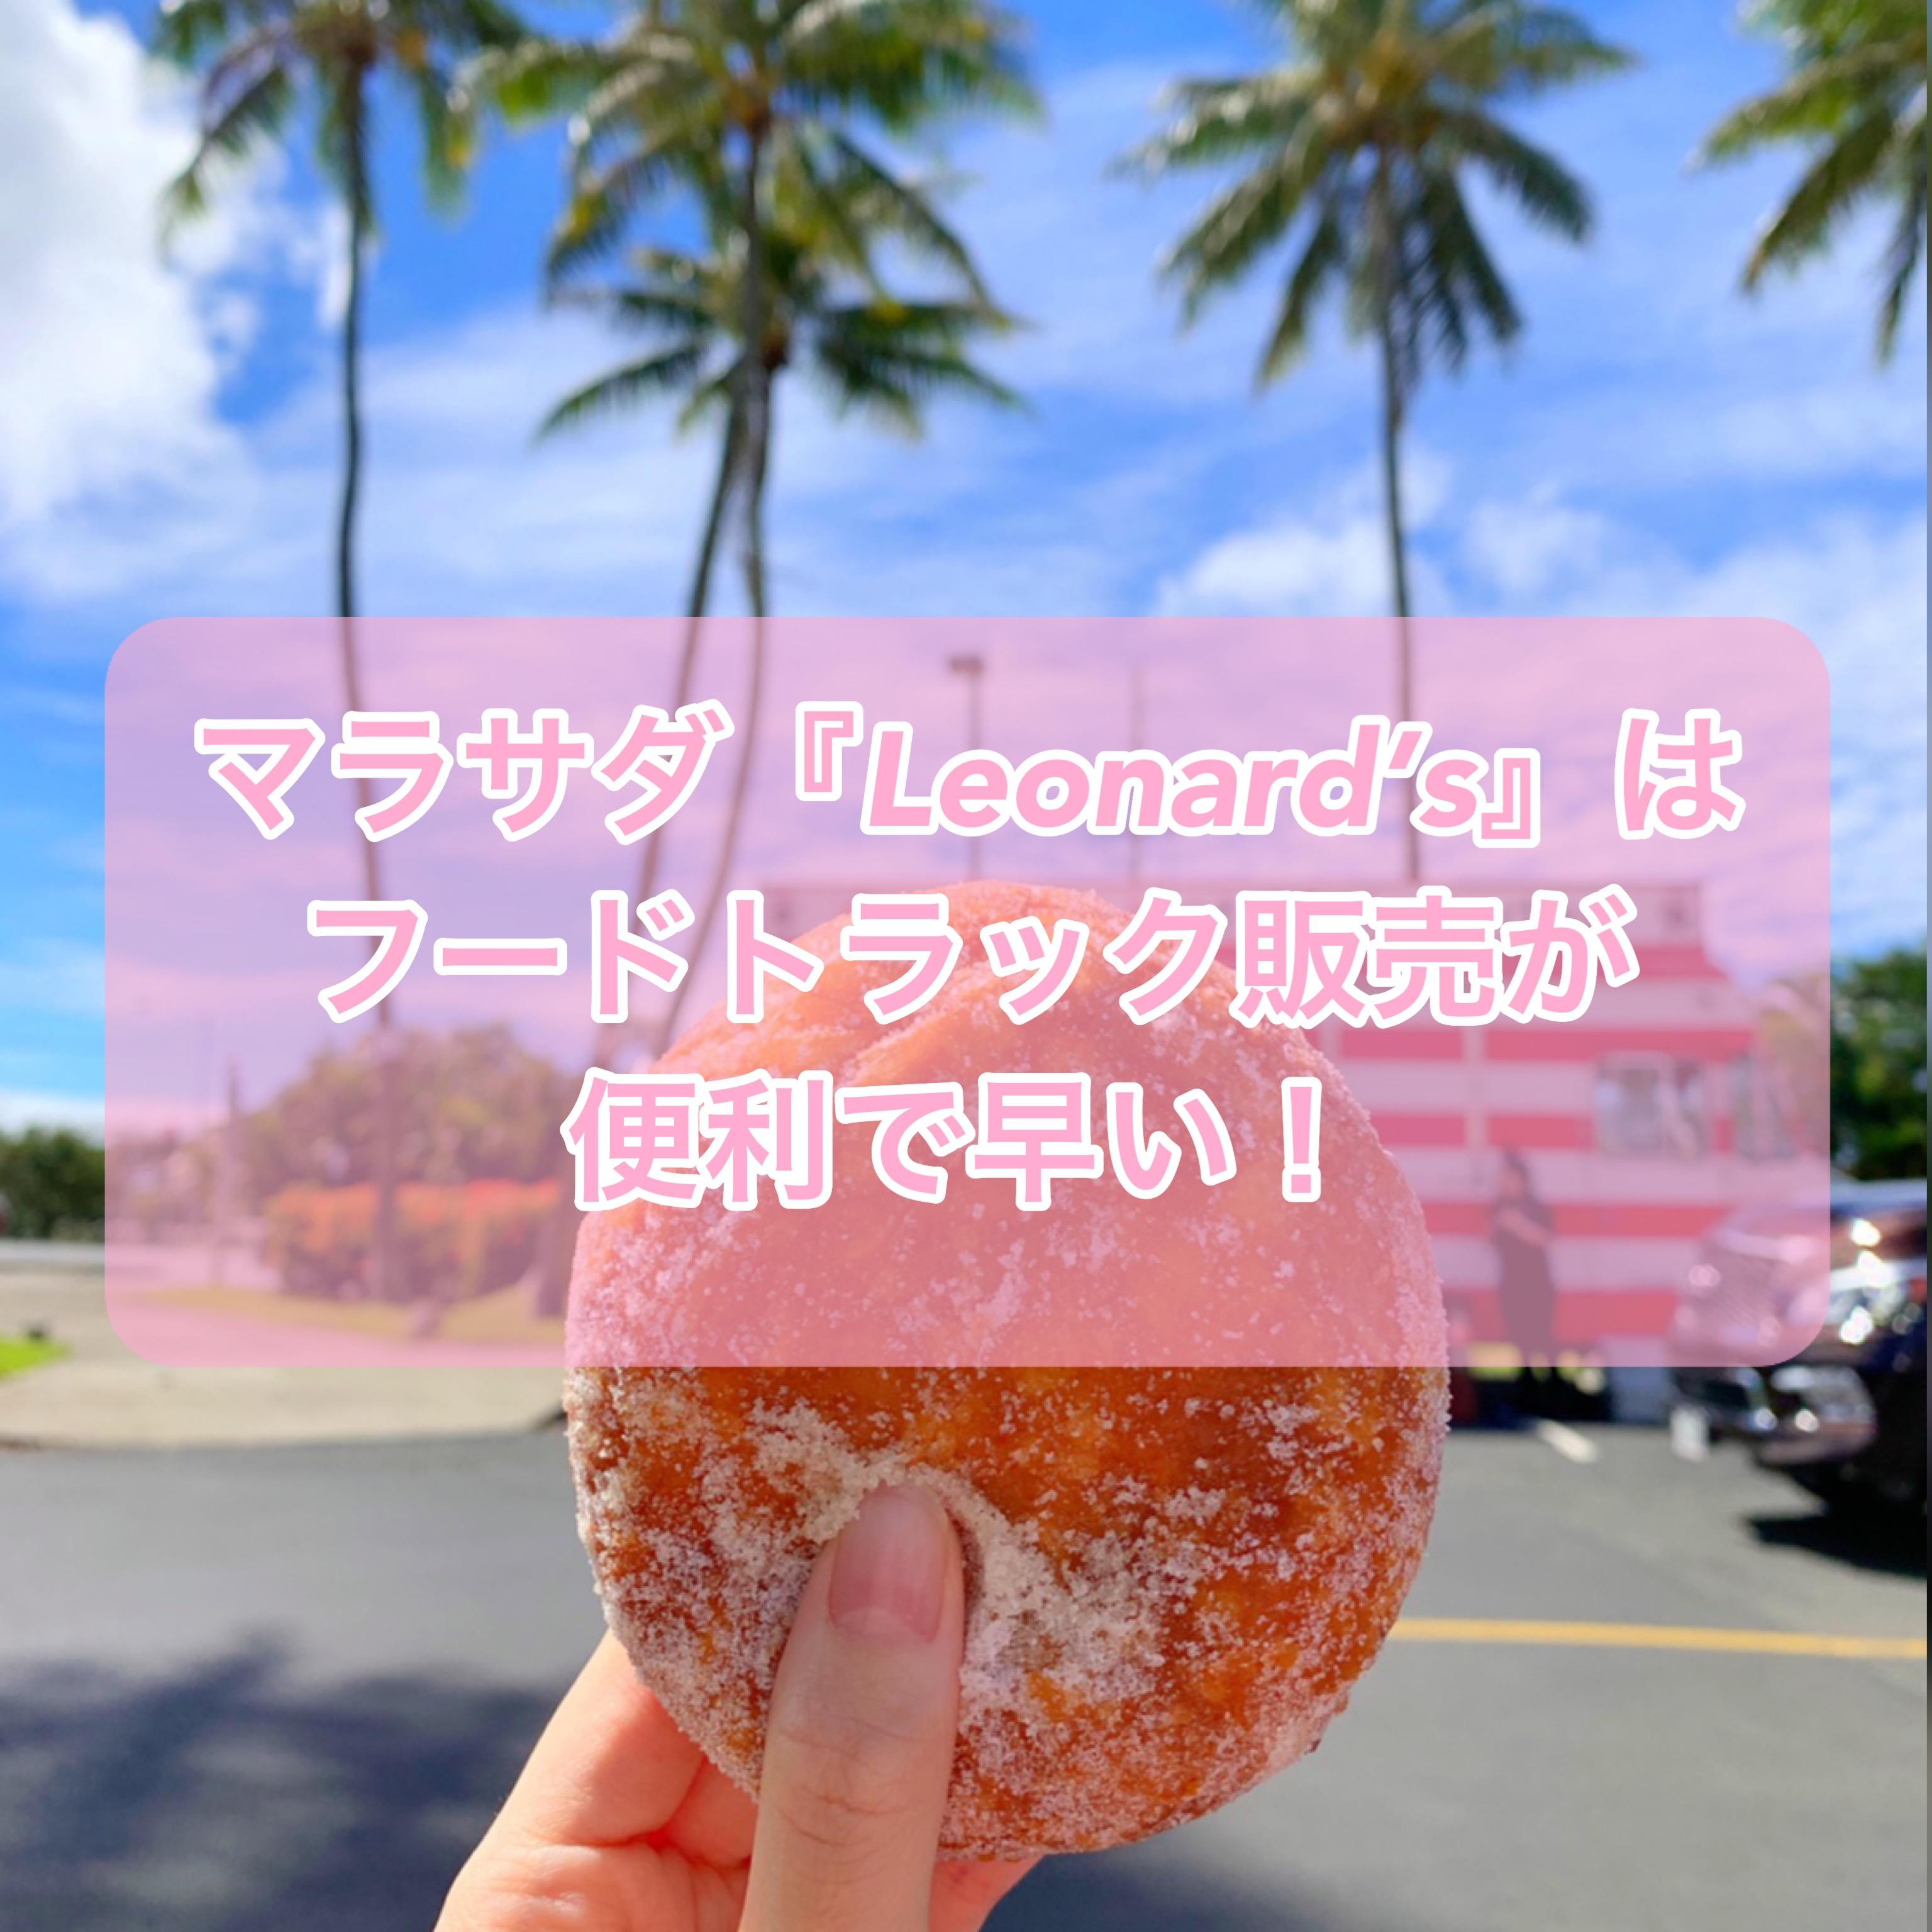 【ハワイスイーツ】「Leonard's(レナーズ)・ベーカリー」のマラサダはフードトラックがおすすめ【店舗は?】